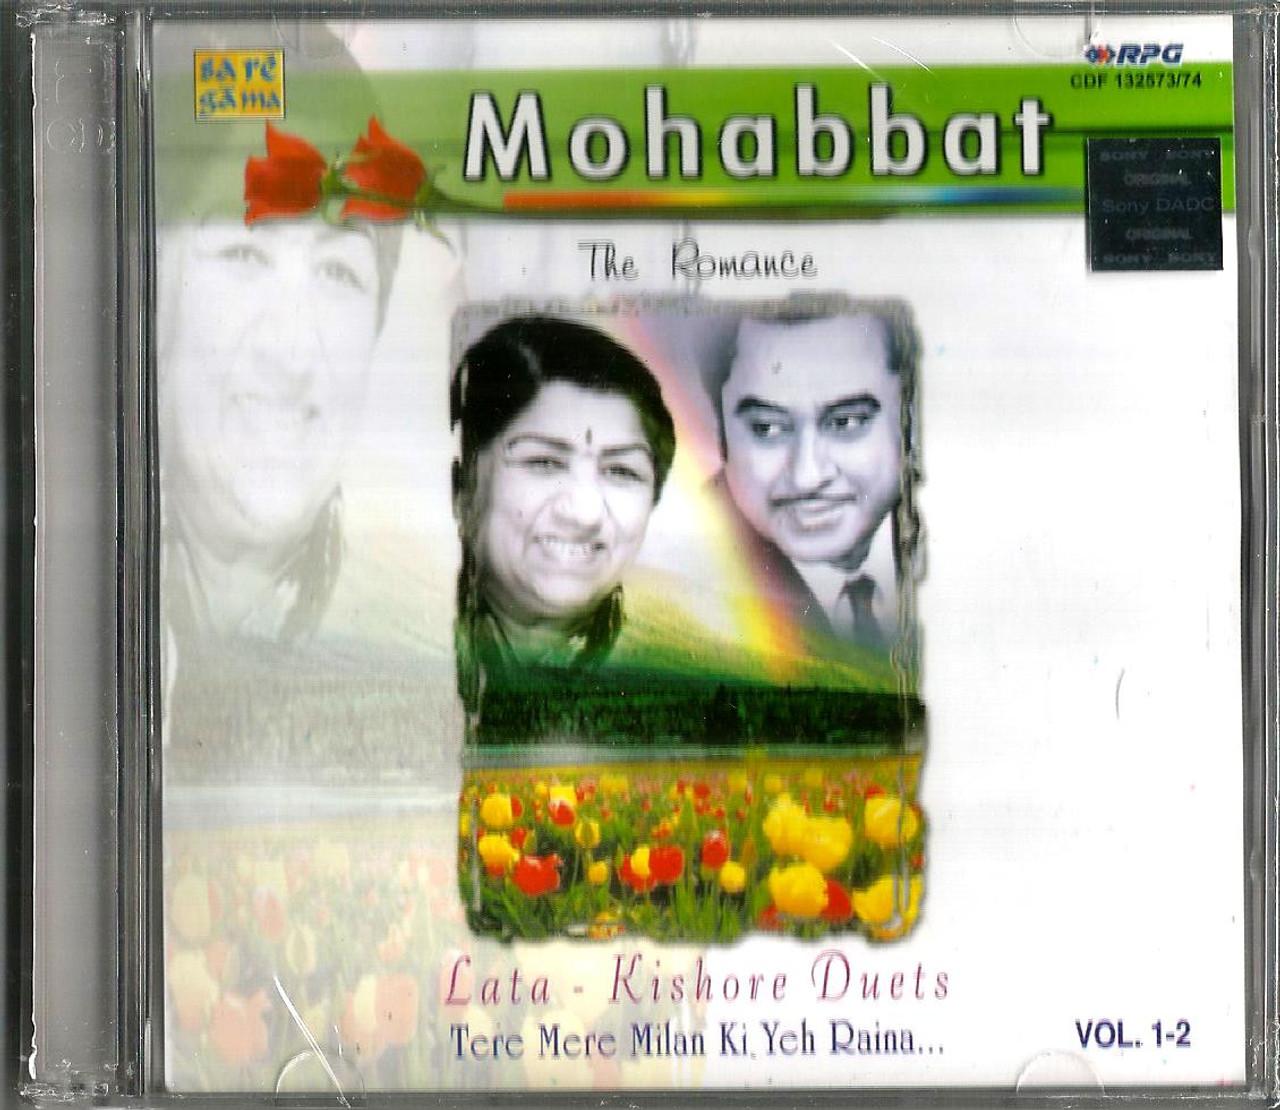 Mohabbat-The Romance / Lata / Kishore Duets / Tere Mere Milan Ki Yeh Raina  / 2 CD SET